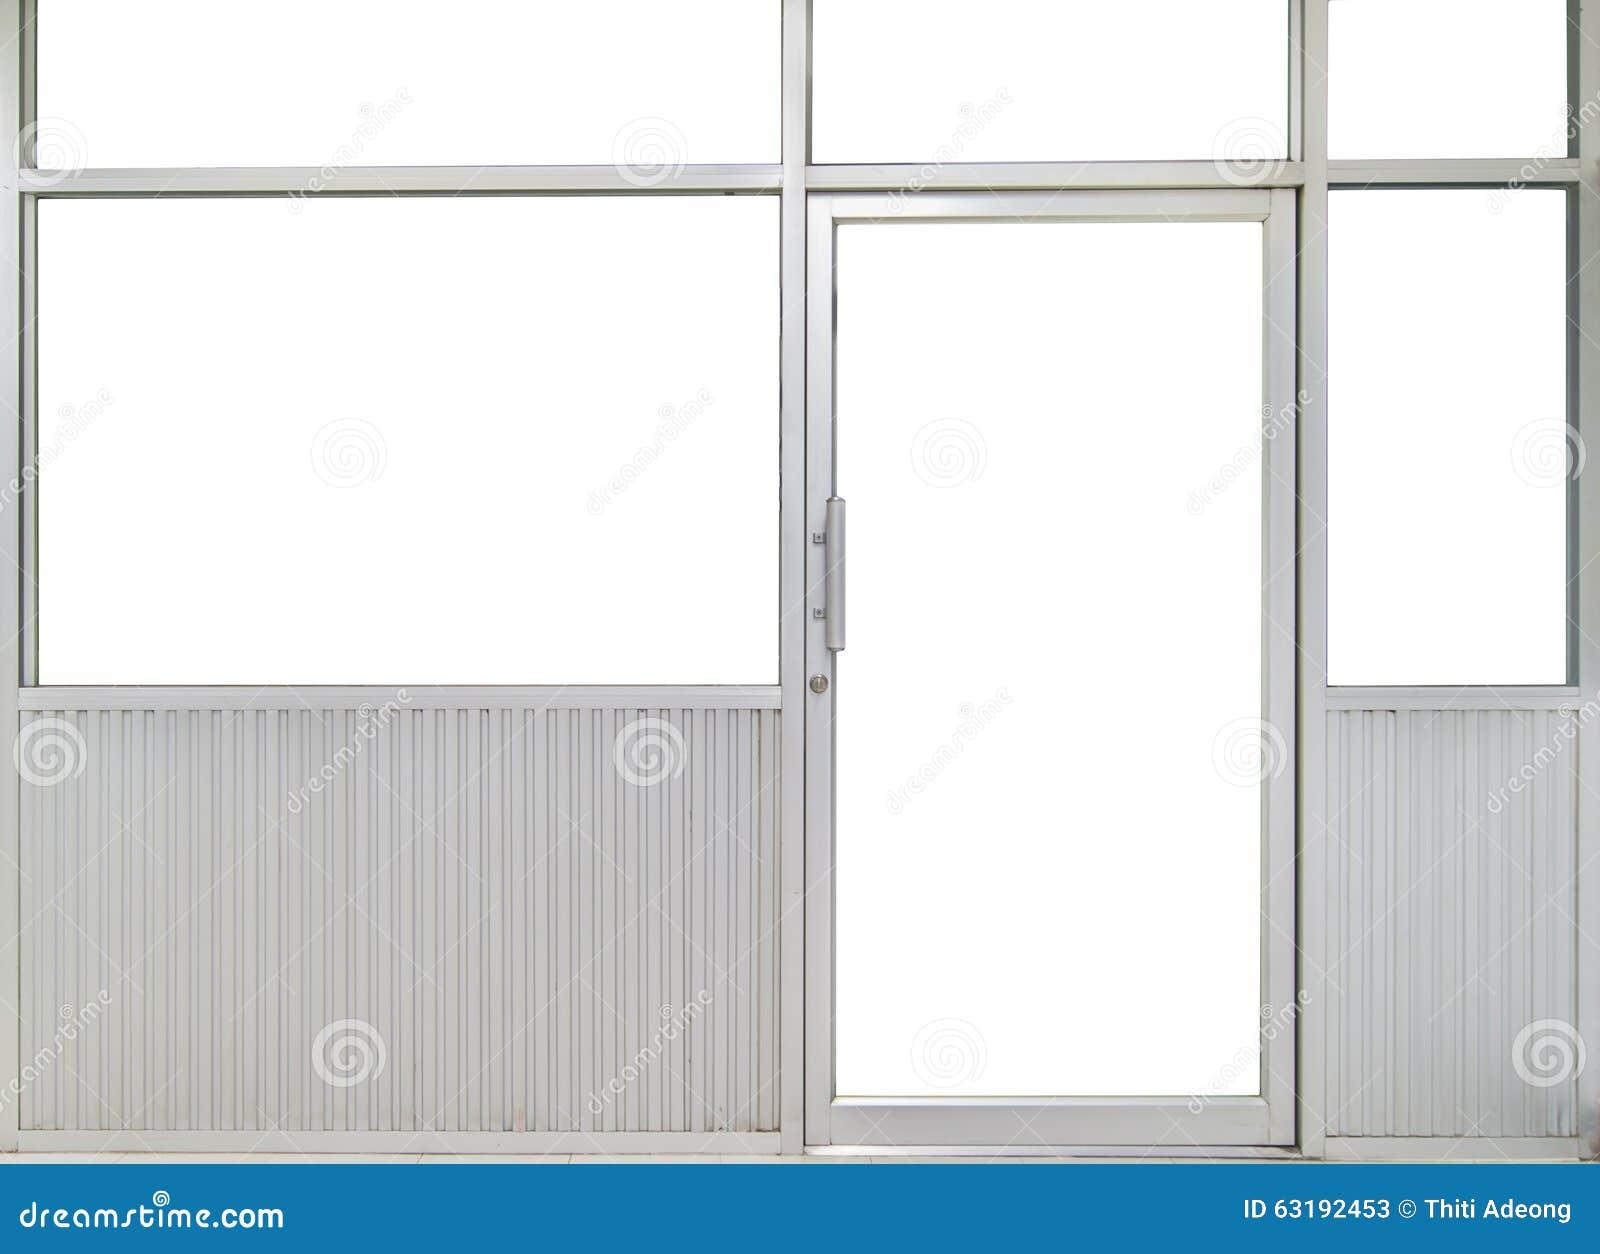 office door with window. Glass Door And Window Office Room With N